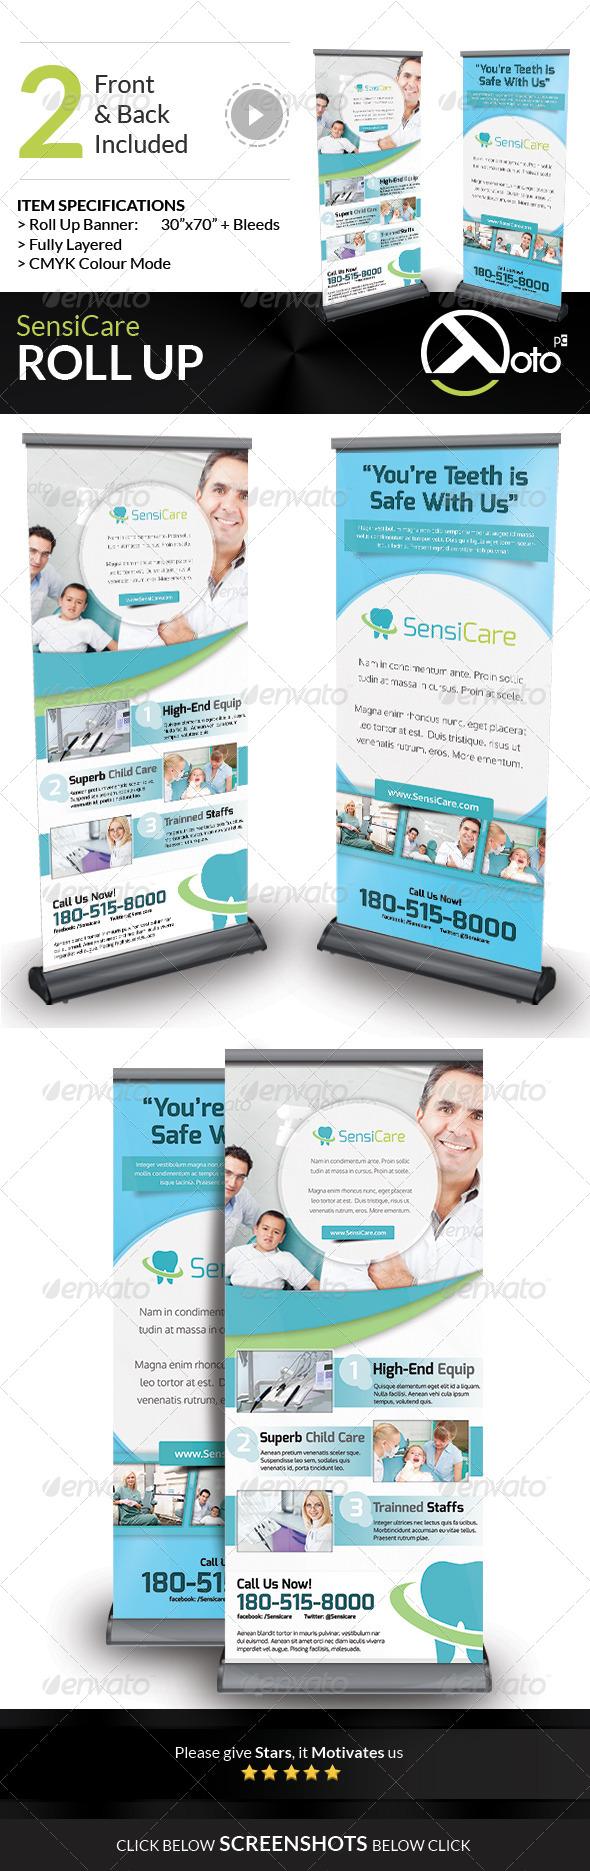 GraphicRiver SensiCare Medical Dental Health Roll Up 7899661